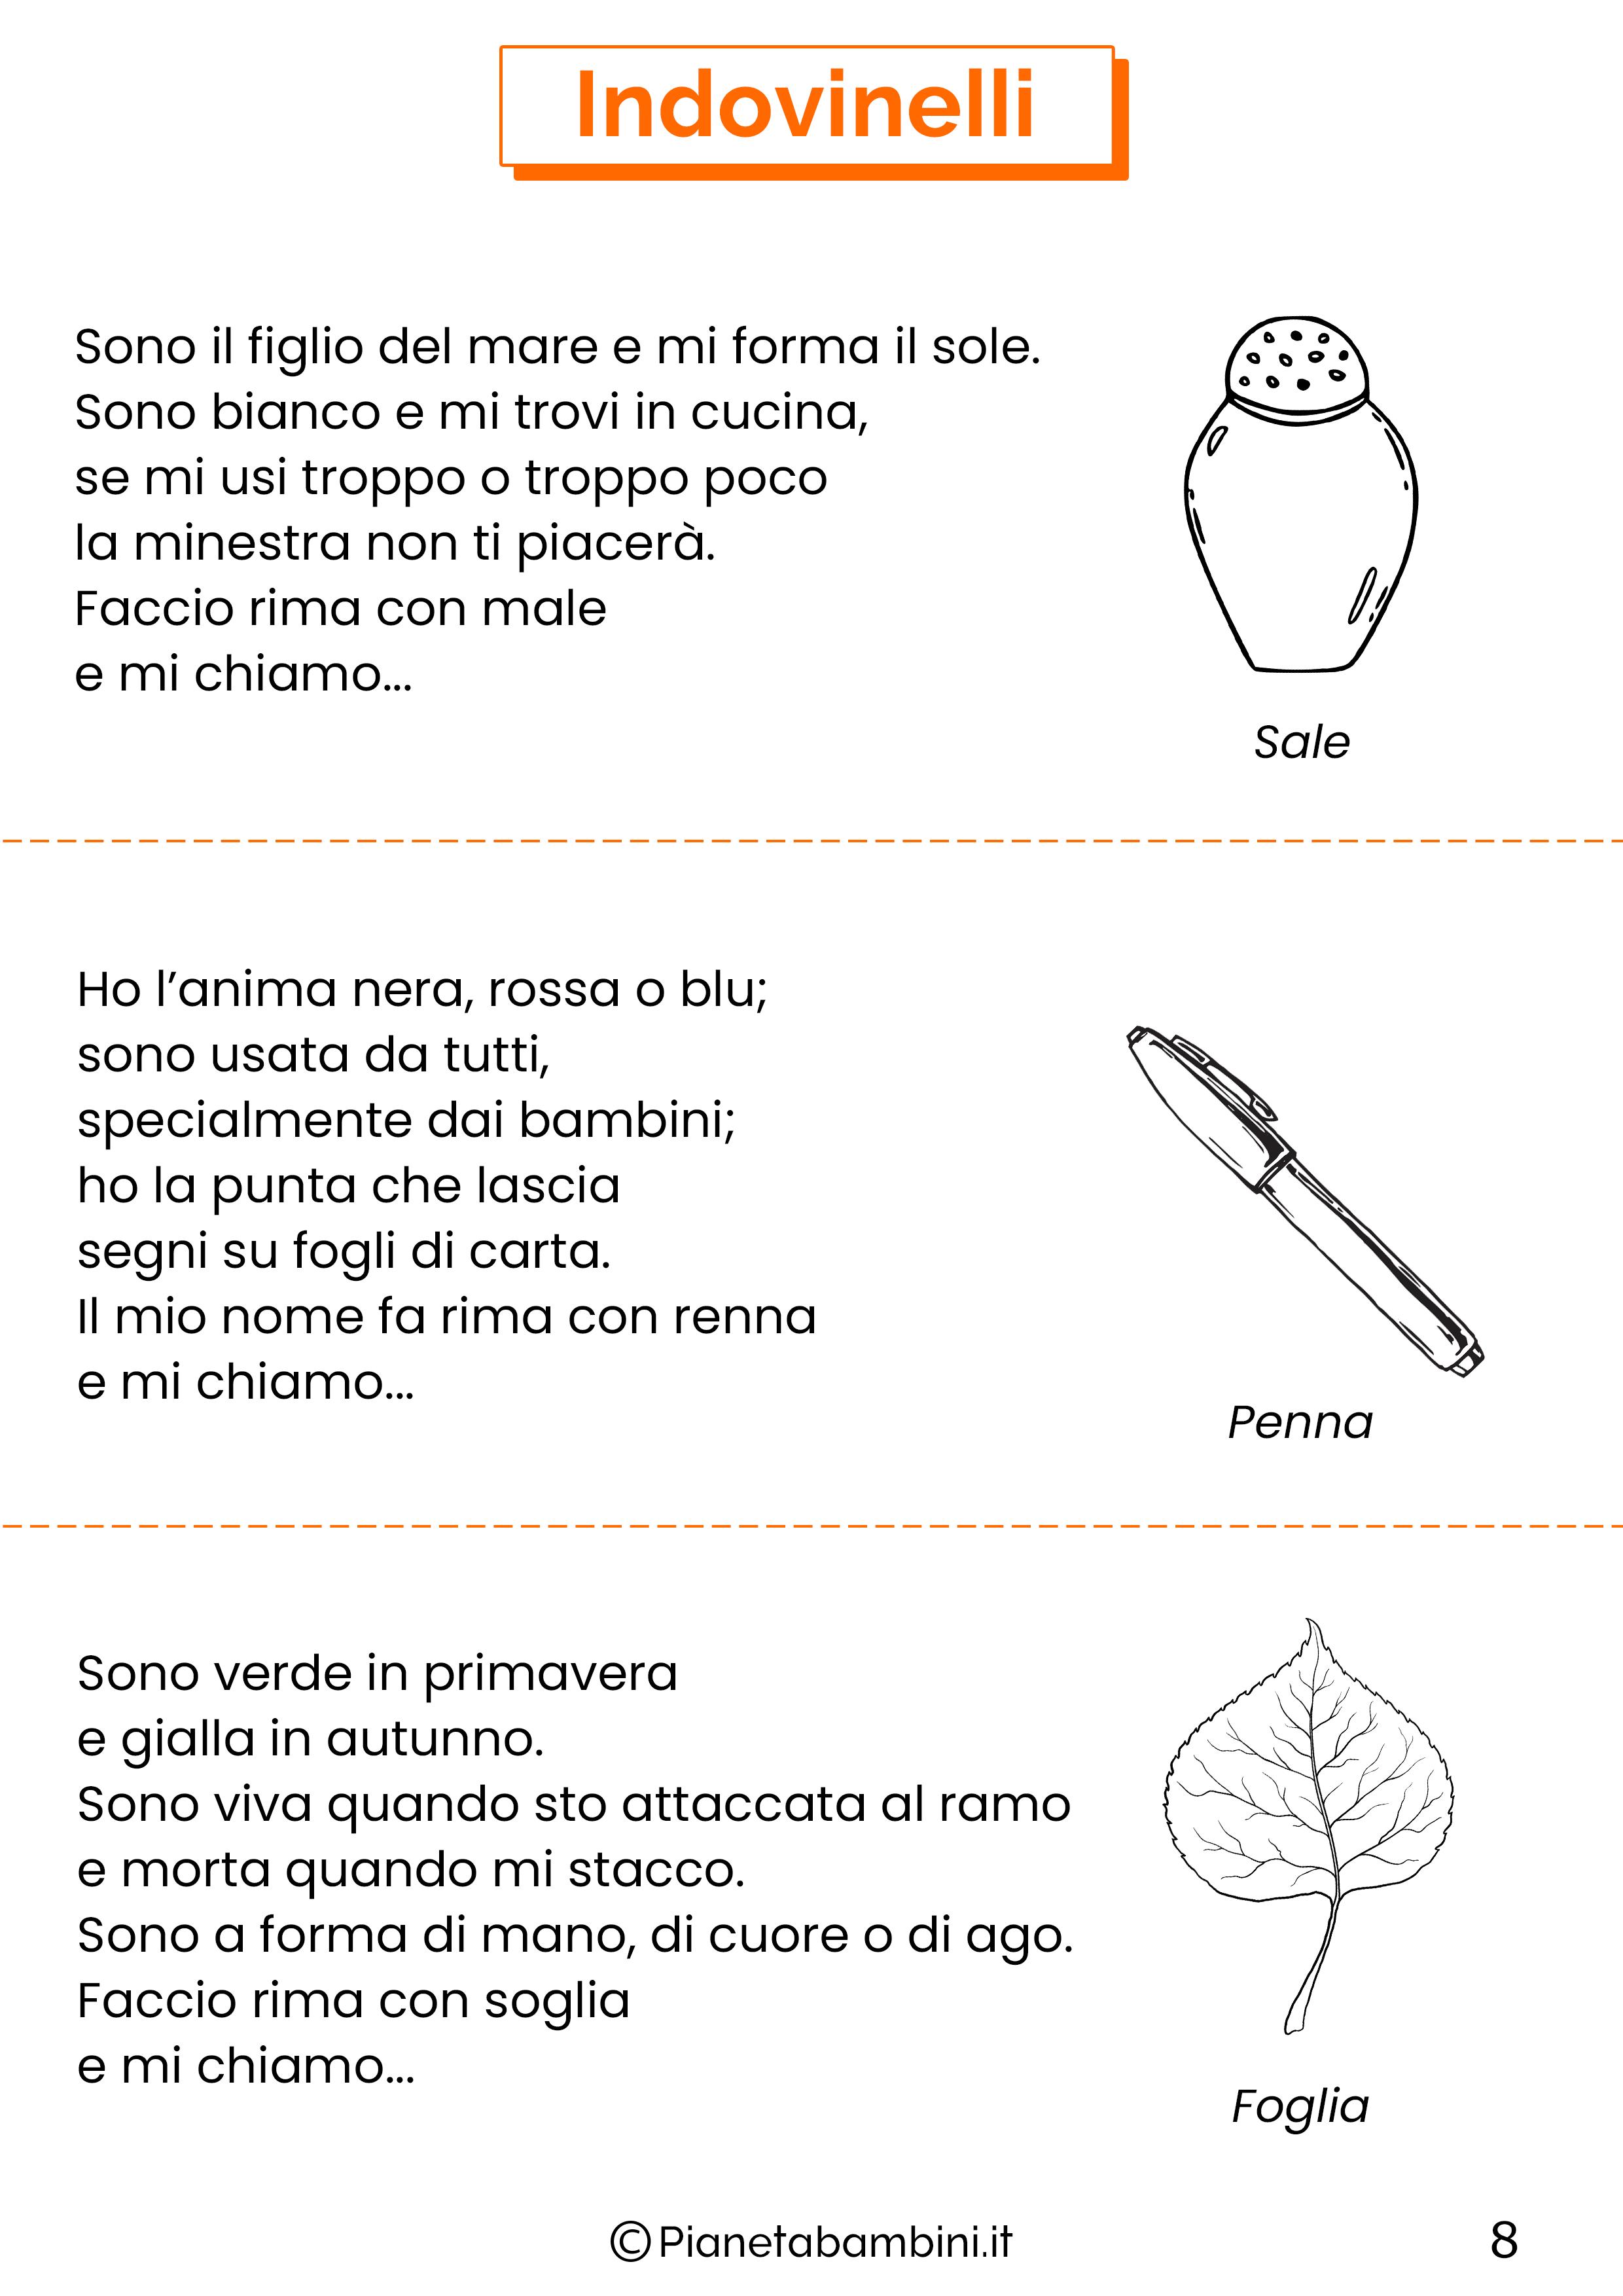 Indovinelli per bambini di 4-5-6 anni pagina 8